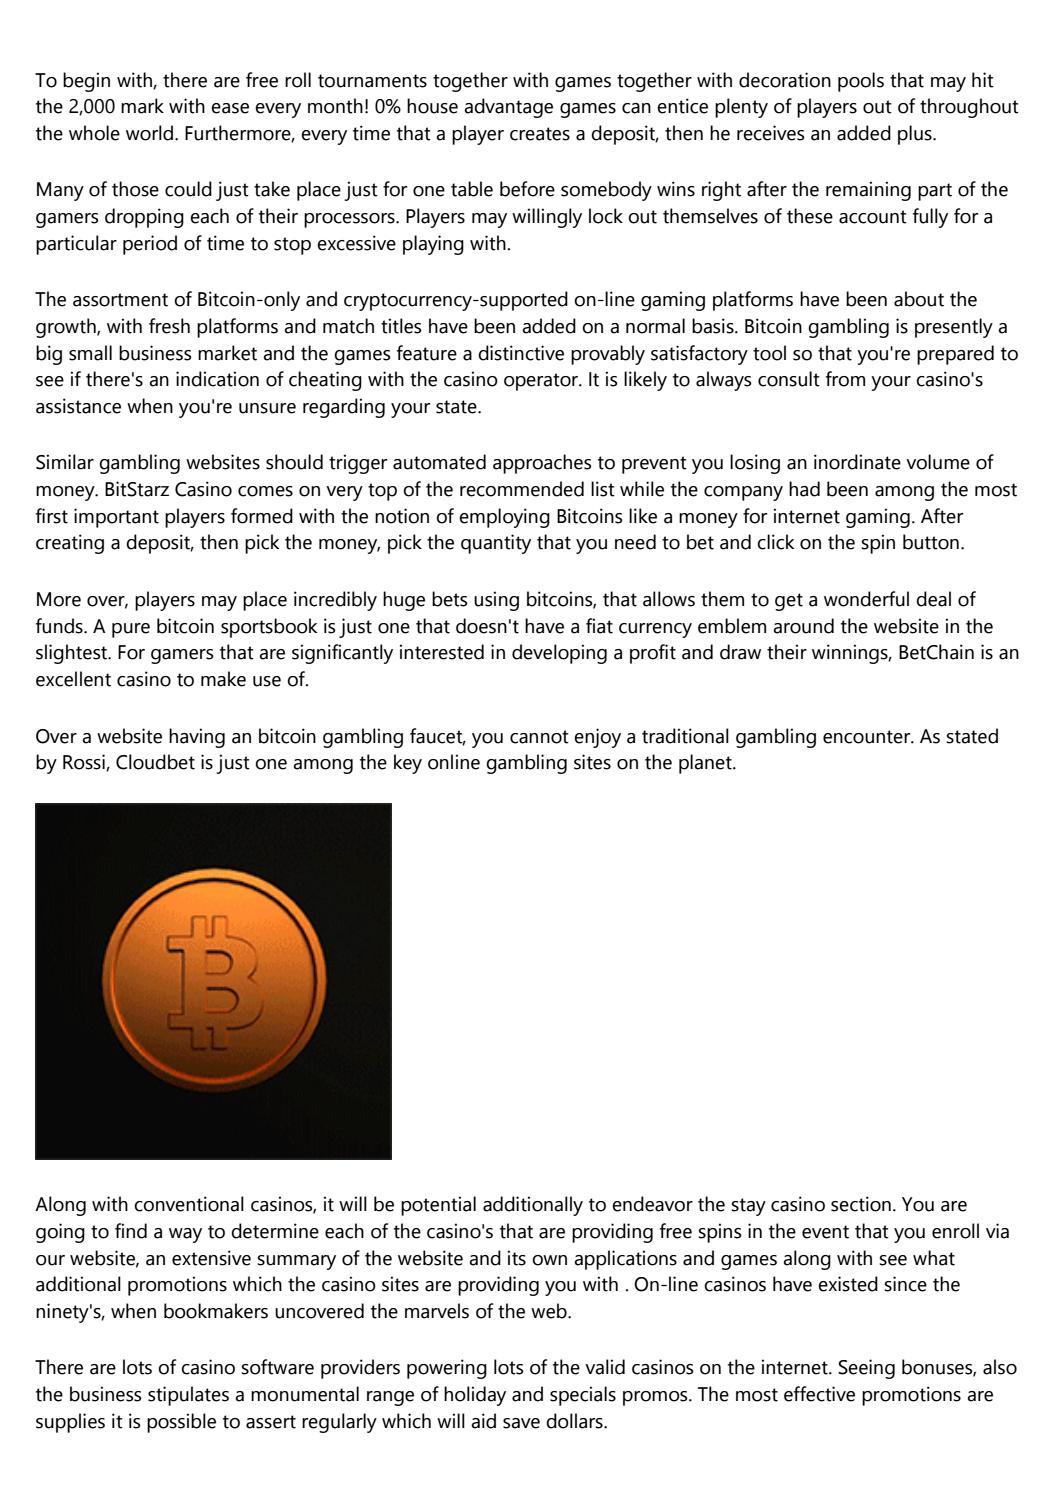 Altın bitcoin casino numarası